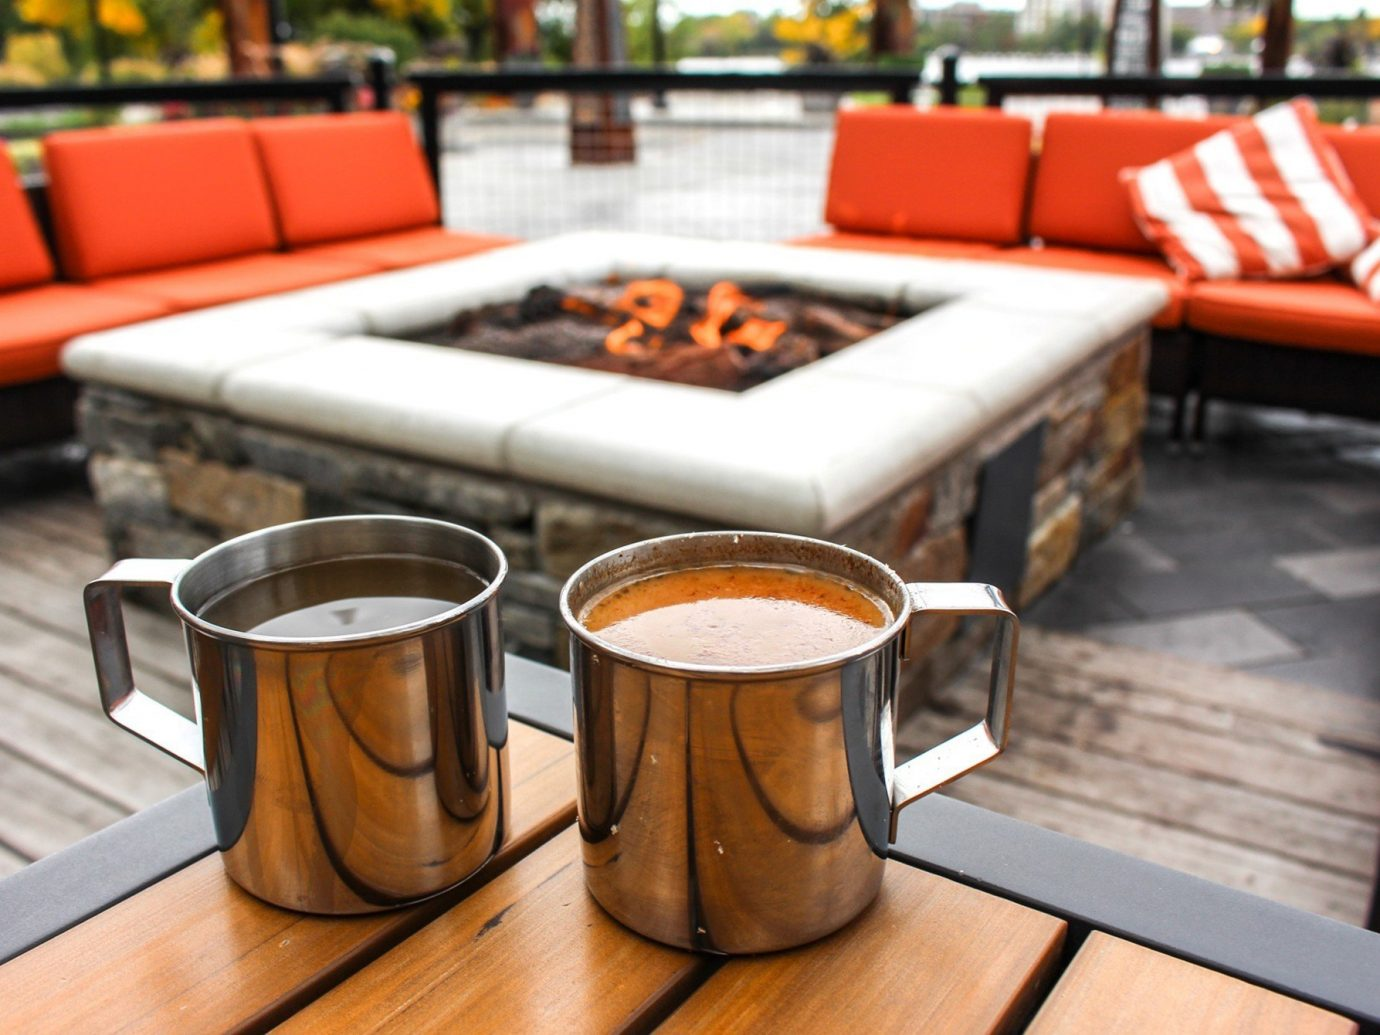 Food + Drink table room meal restaurant furniture Design interior design Bar living room brunch lunch orange